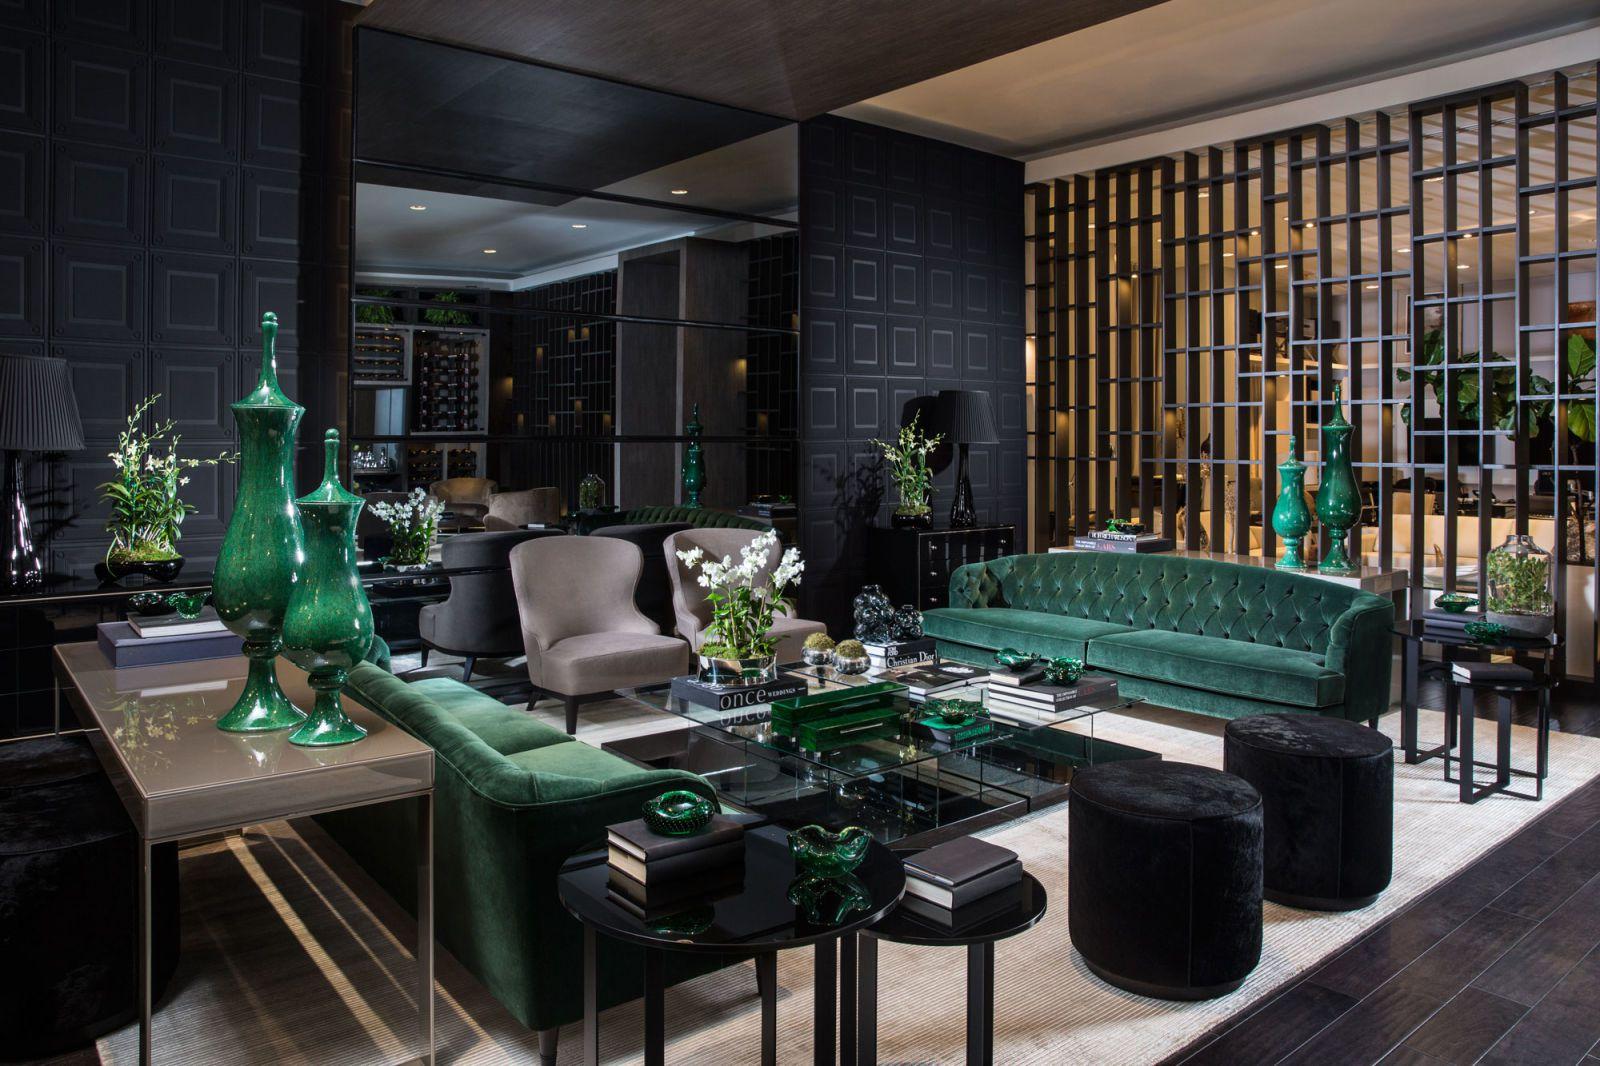 Designer Interior Spaces - Artefacto 2016 Design House